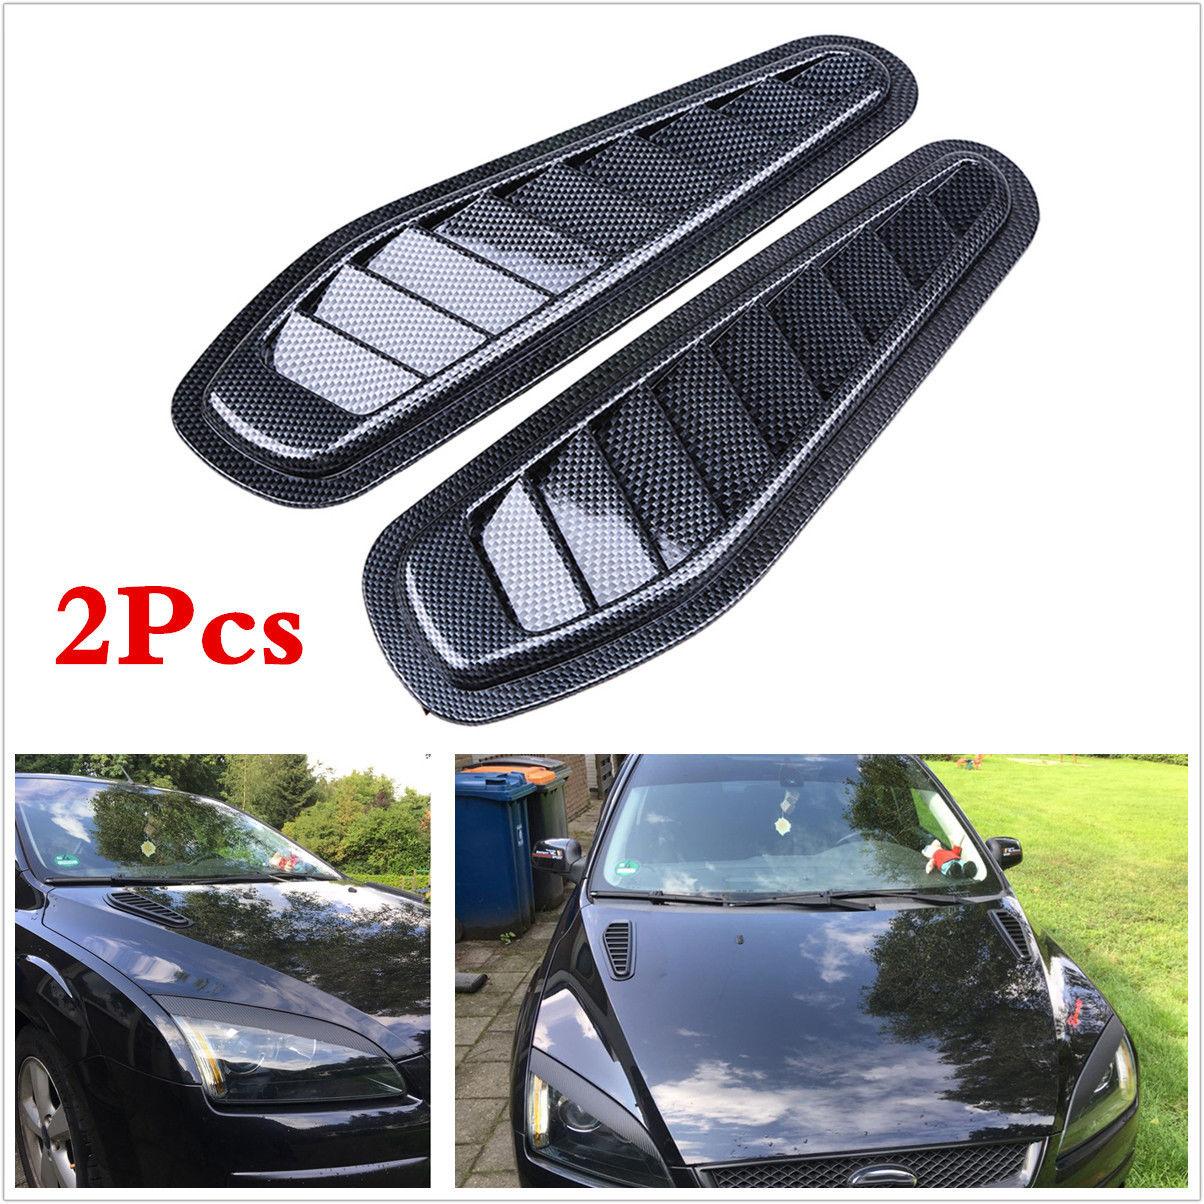 ABS Race Car Hood Scoop Carbon Style Bonnet Air Vent Decorative Accessories 2*